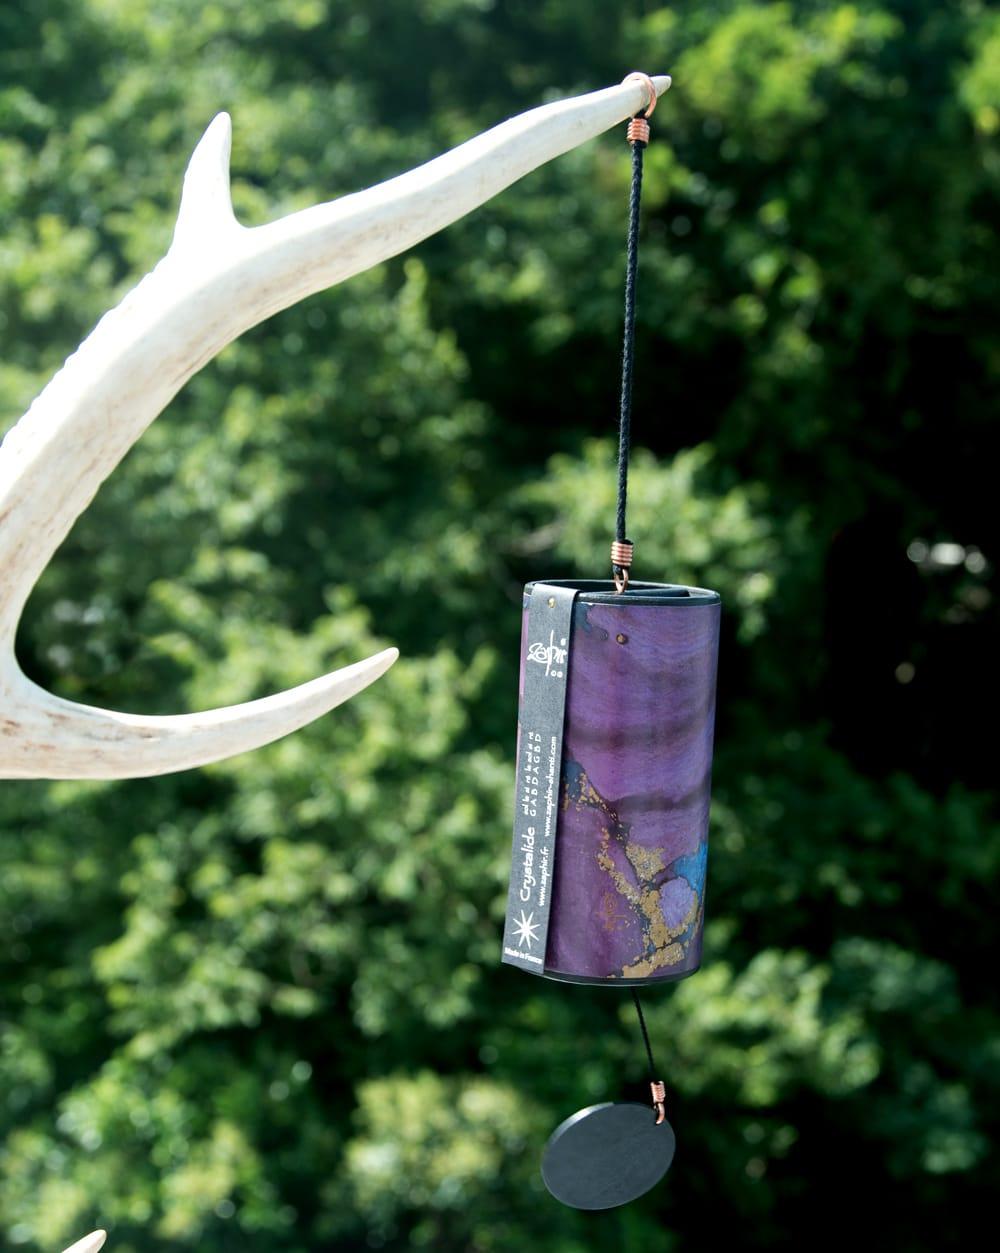 ザフィア・チャイム〔Zaphir Chime〕(ヒーリング風鈴) - ブルームーン 5 - 屋外で撮影してみました。風とともに美しい音色がやってきます